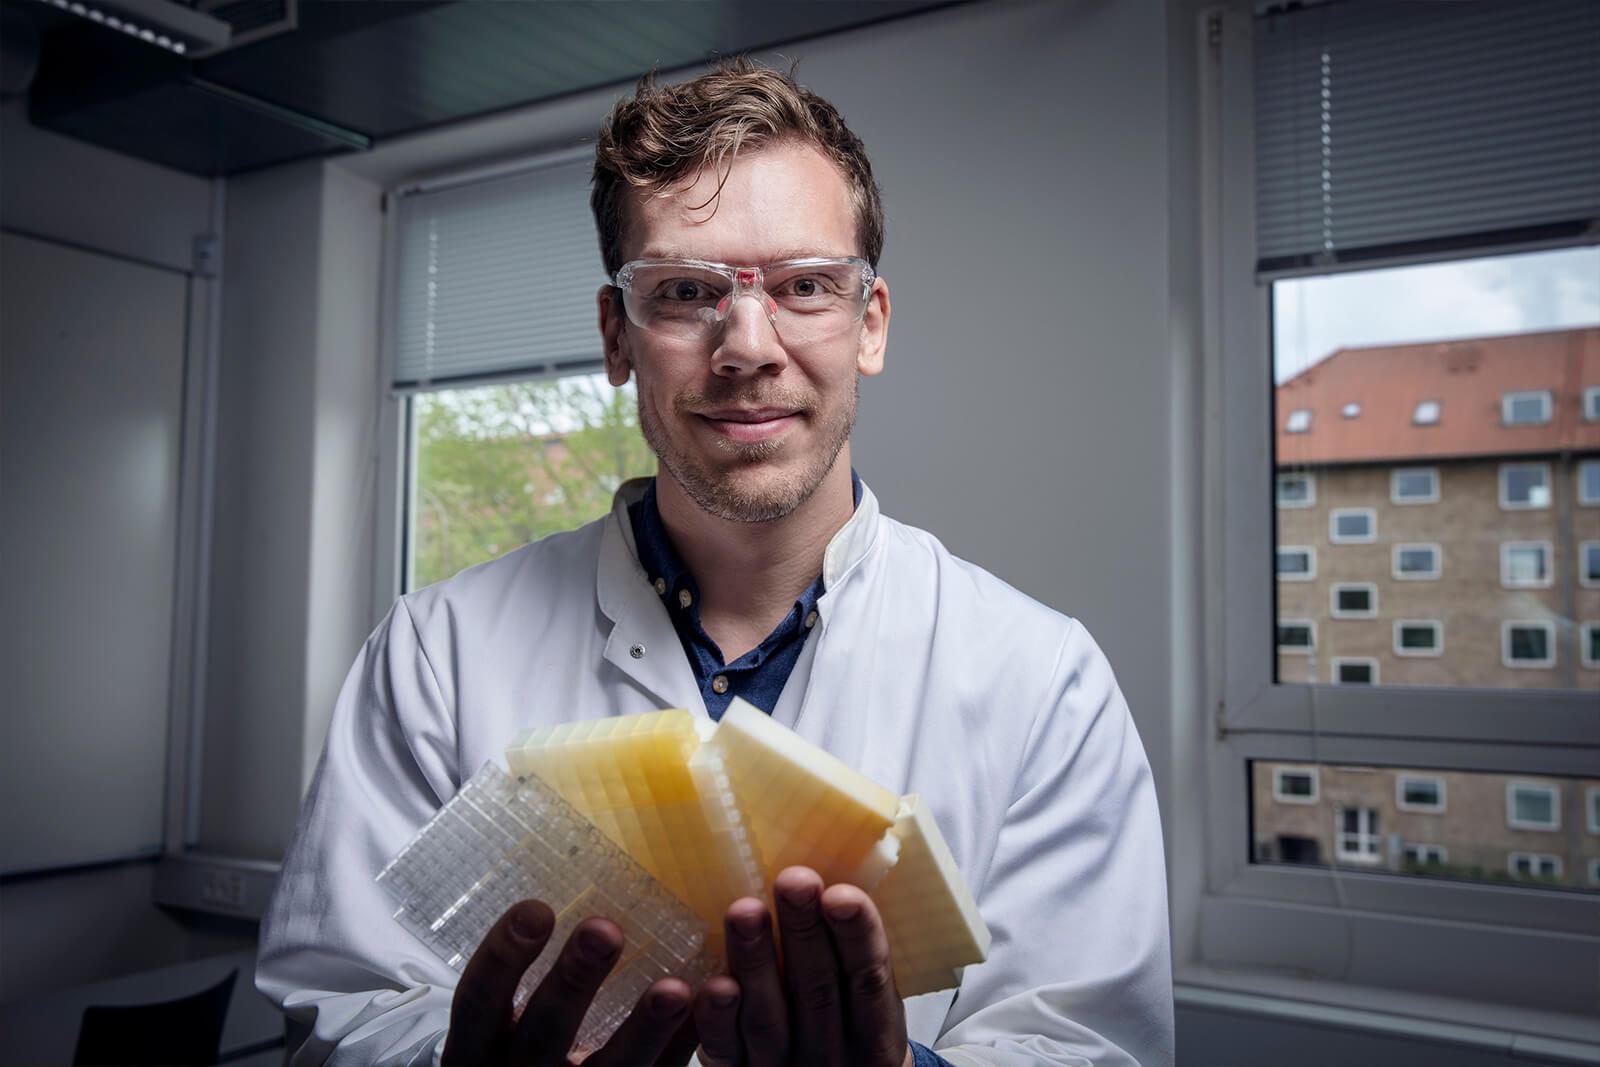 Kemiingeniør og ph.d.-studerende Emil Andersen